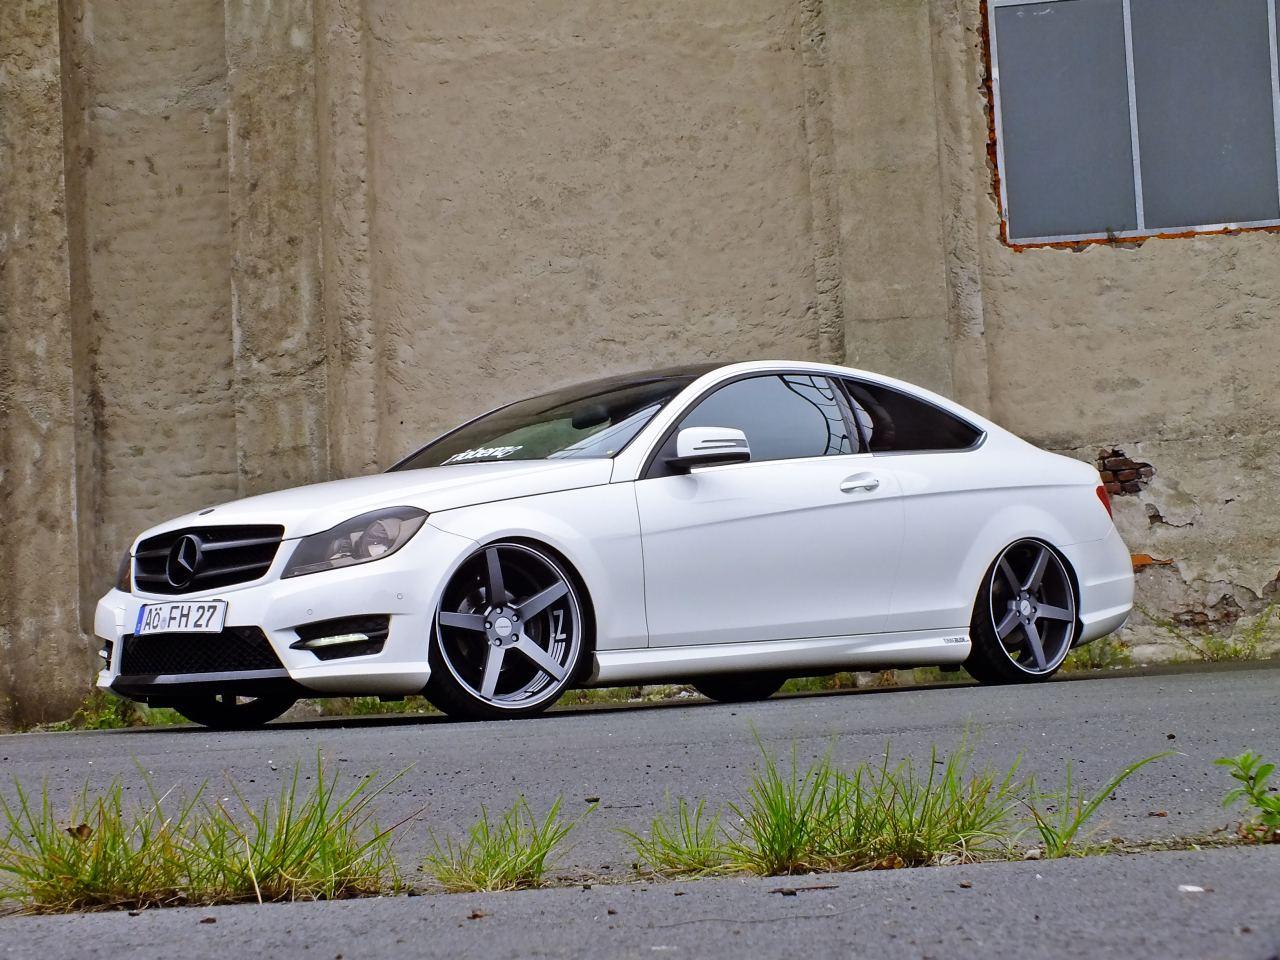 Mercedes Glc Coupe Tuning >> Mercedes-Benz C-Klasse Coupé C204 Tuning: Starke Position: Das 2011 Mercedes C-Klasse C180 Coupé ...